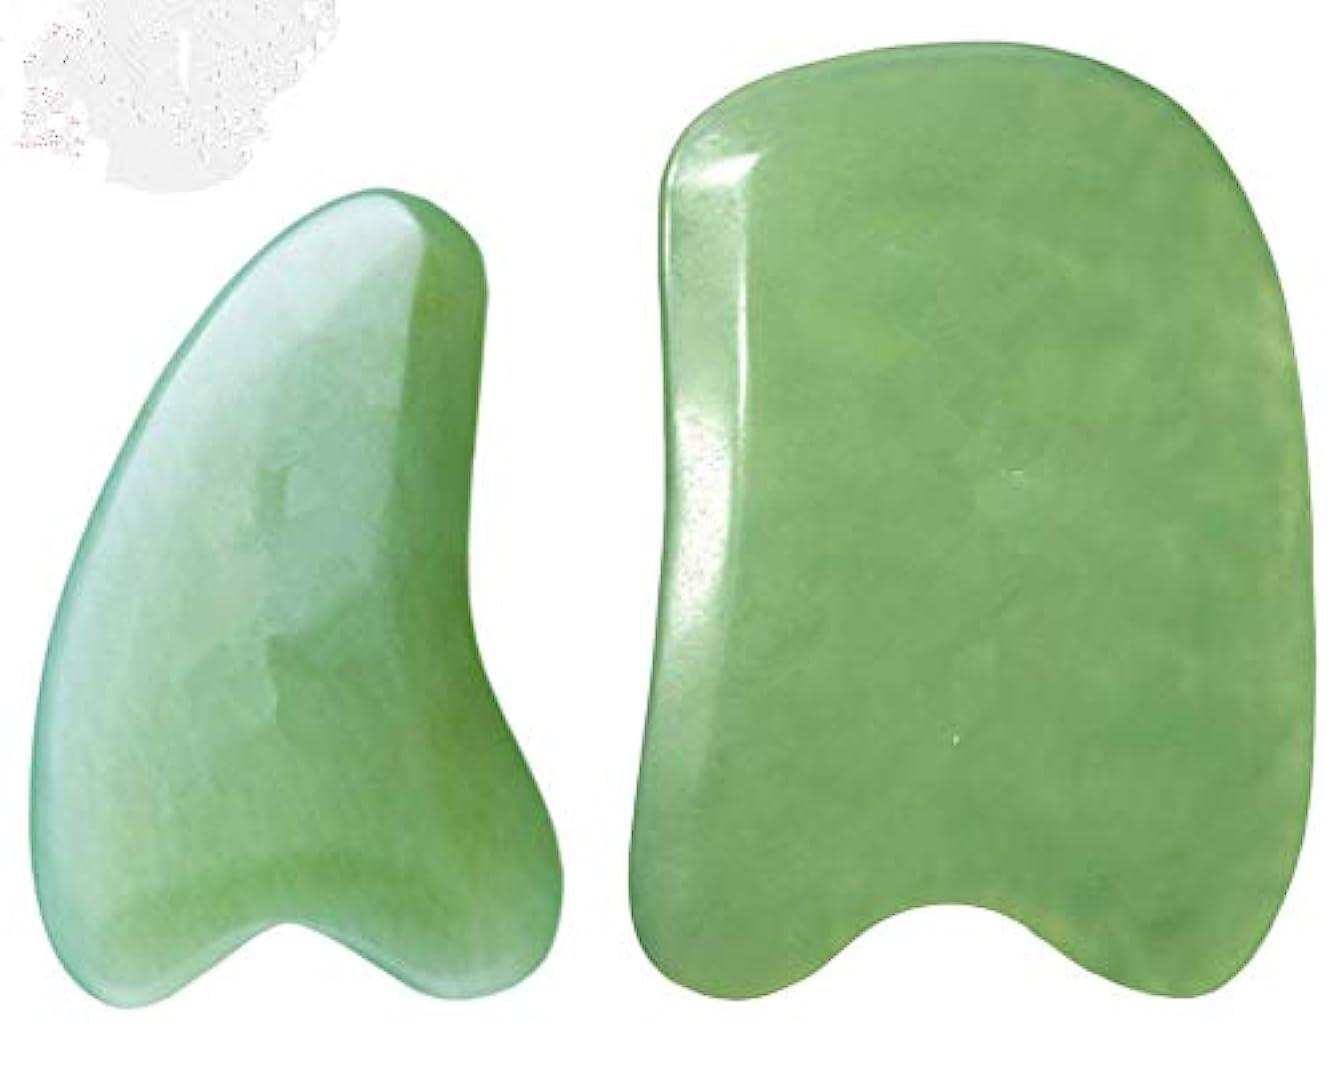 配偶者シェア有利2点セット2pcsFace / Body Massage Natural Jade Gua Sha Boardかっさプレート 天然石 翡翠(顔?ボディのリンパマッサージ)